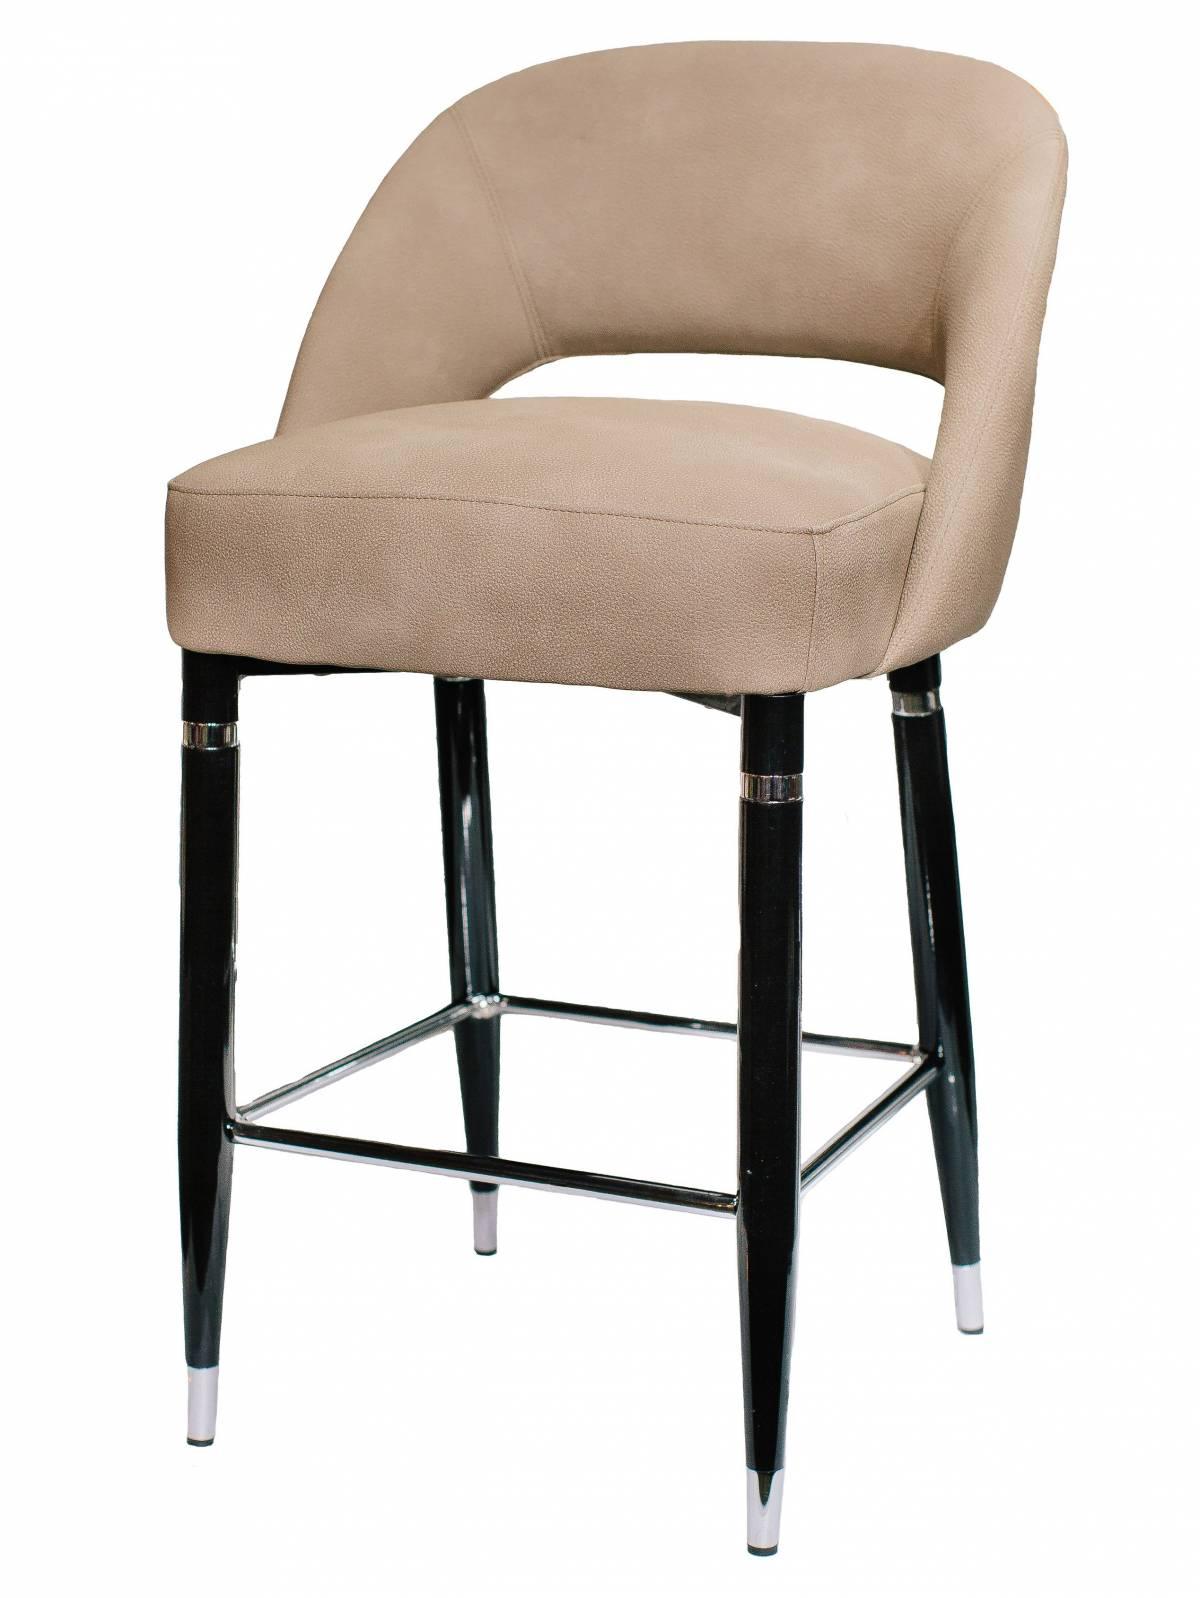 Барный металлический стул из экокожи Jazz в Raroom